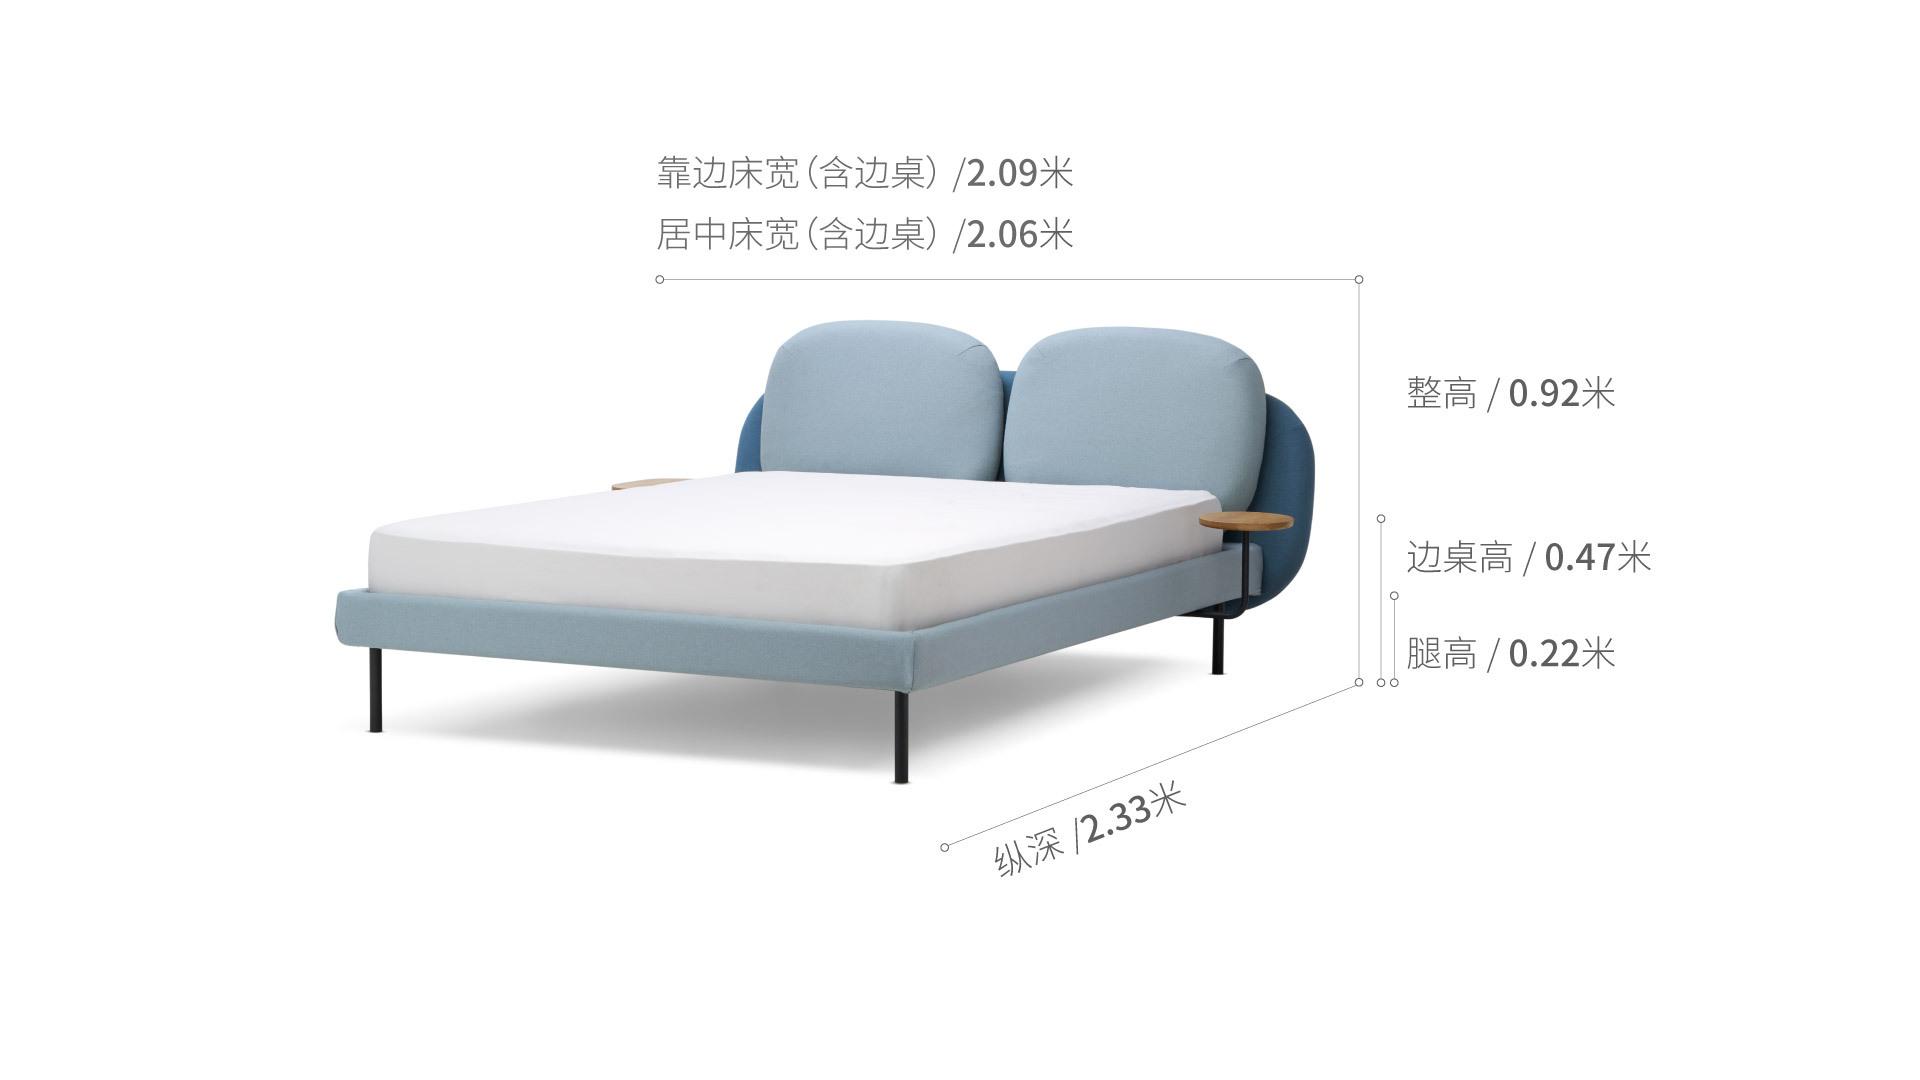 软糖床®1.5米款床·床具效果图